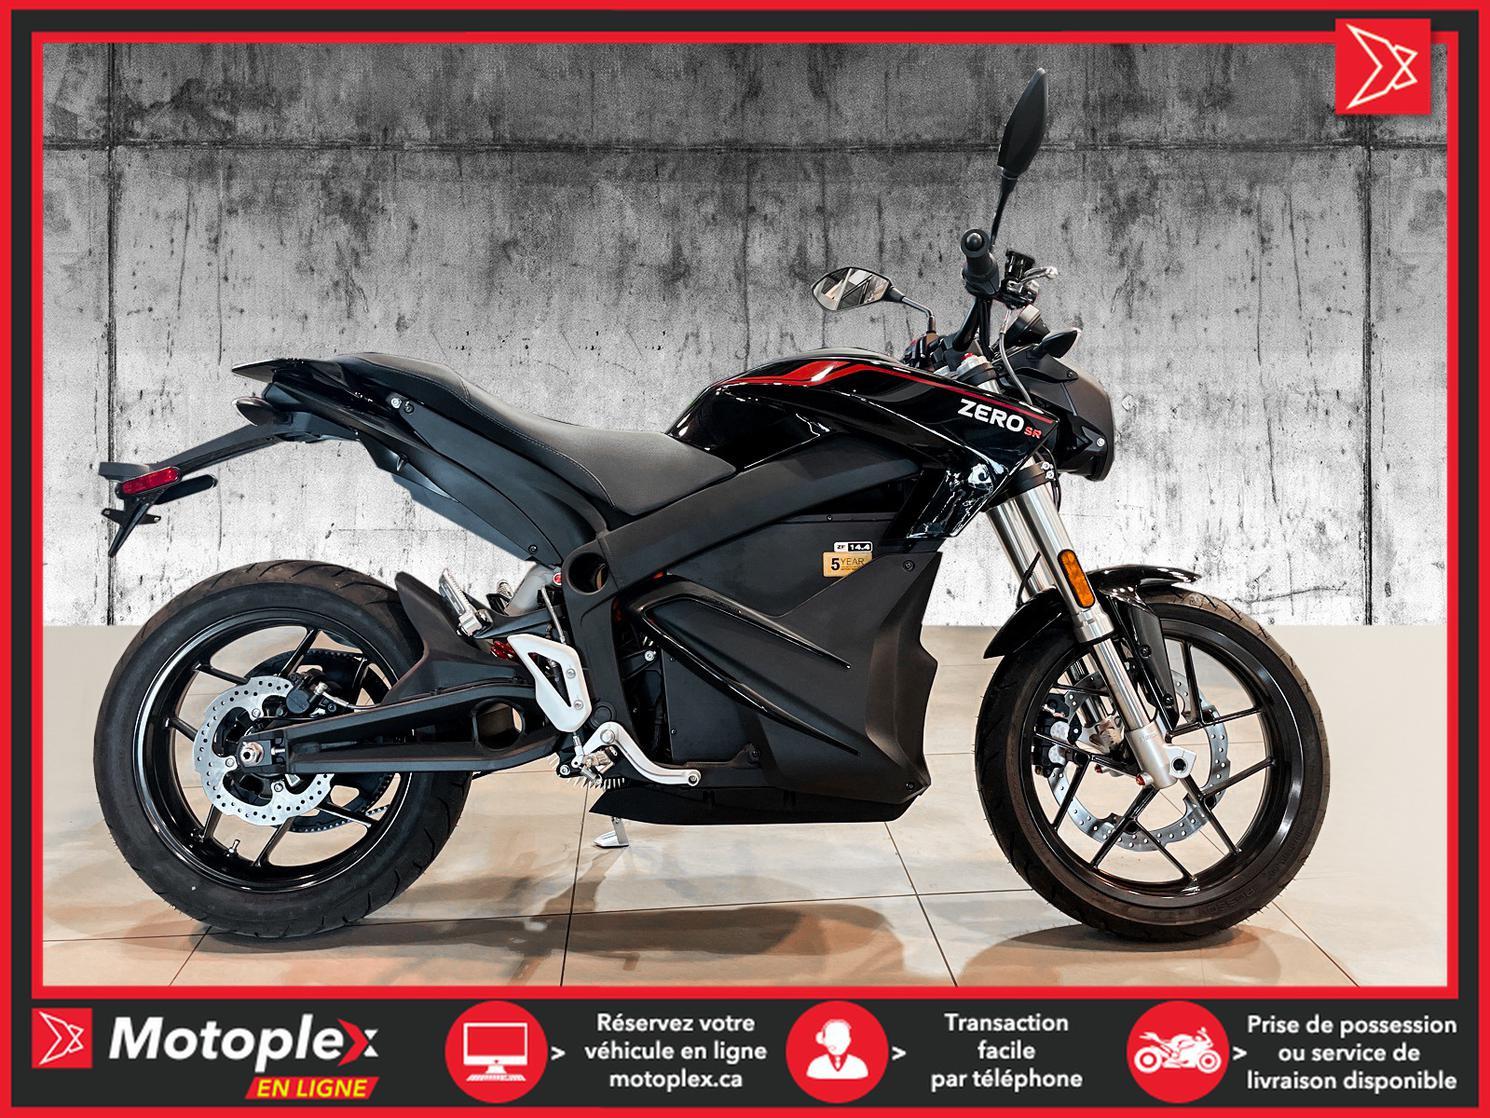 2020 Zero Motorcycles Moto électrique - SR 14.4